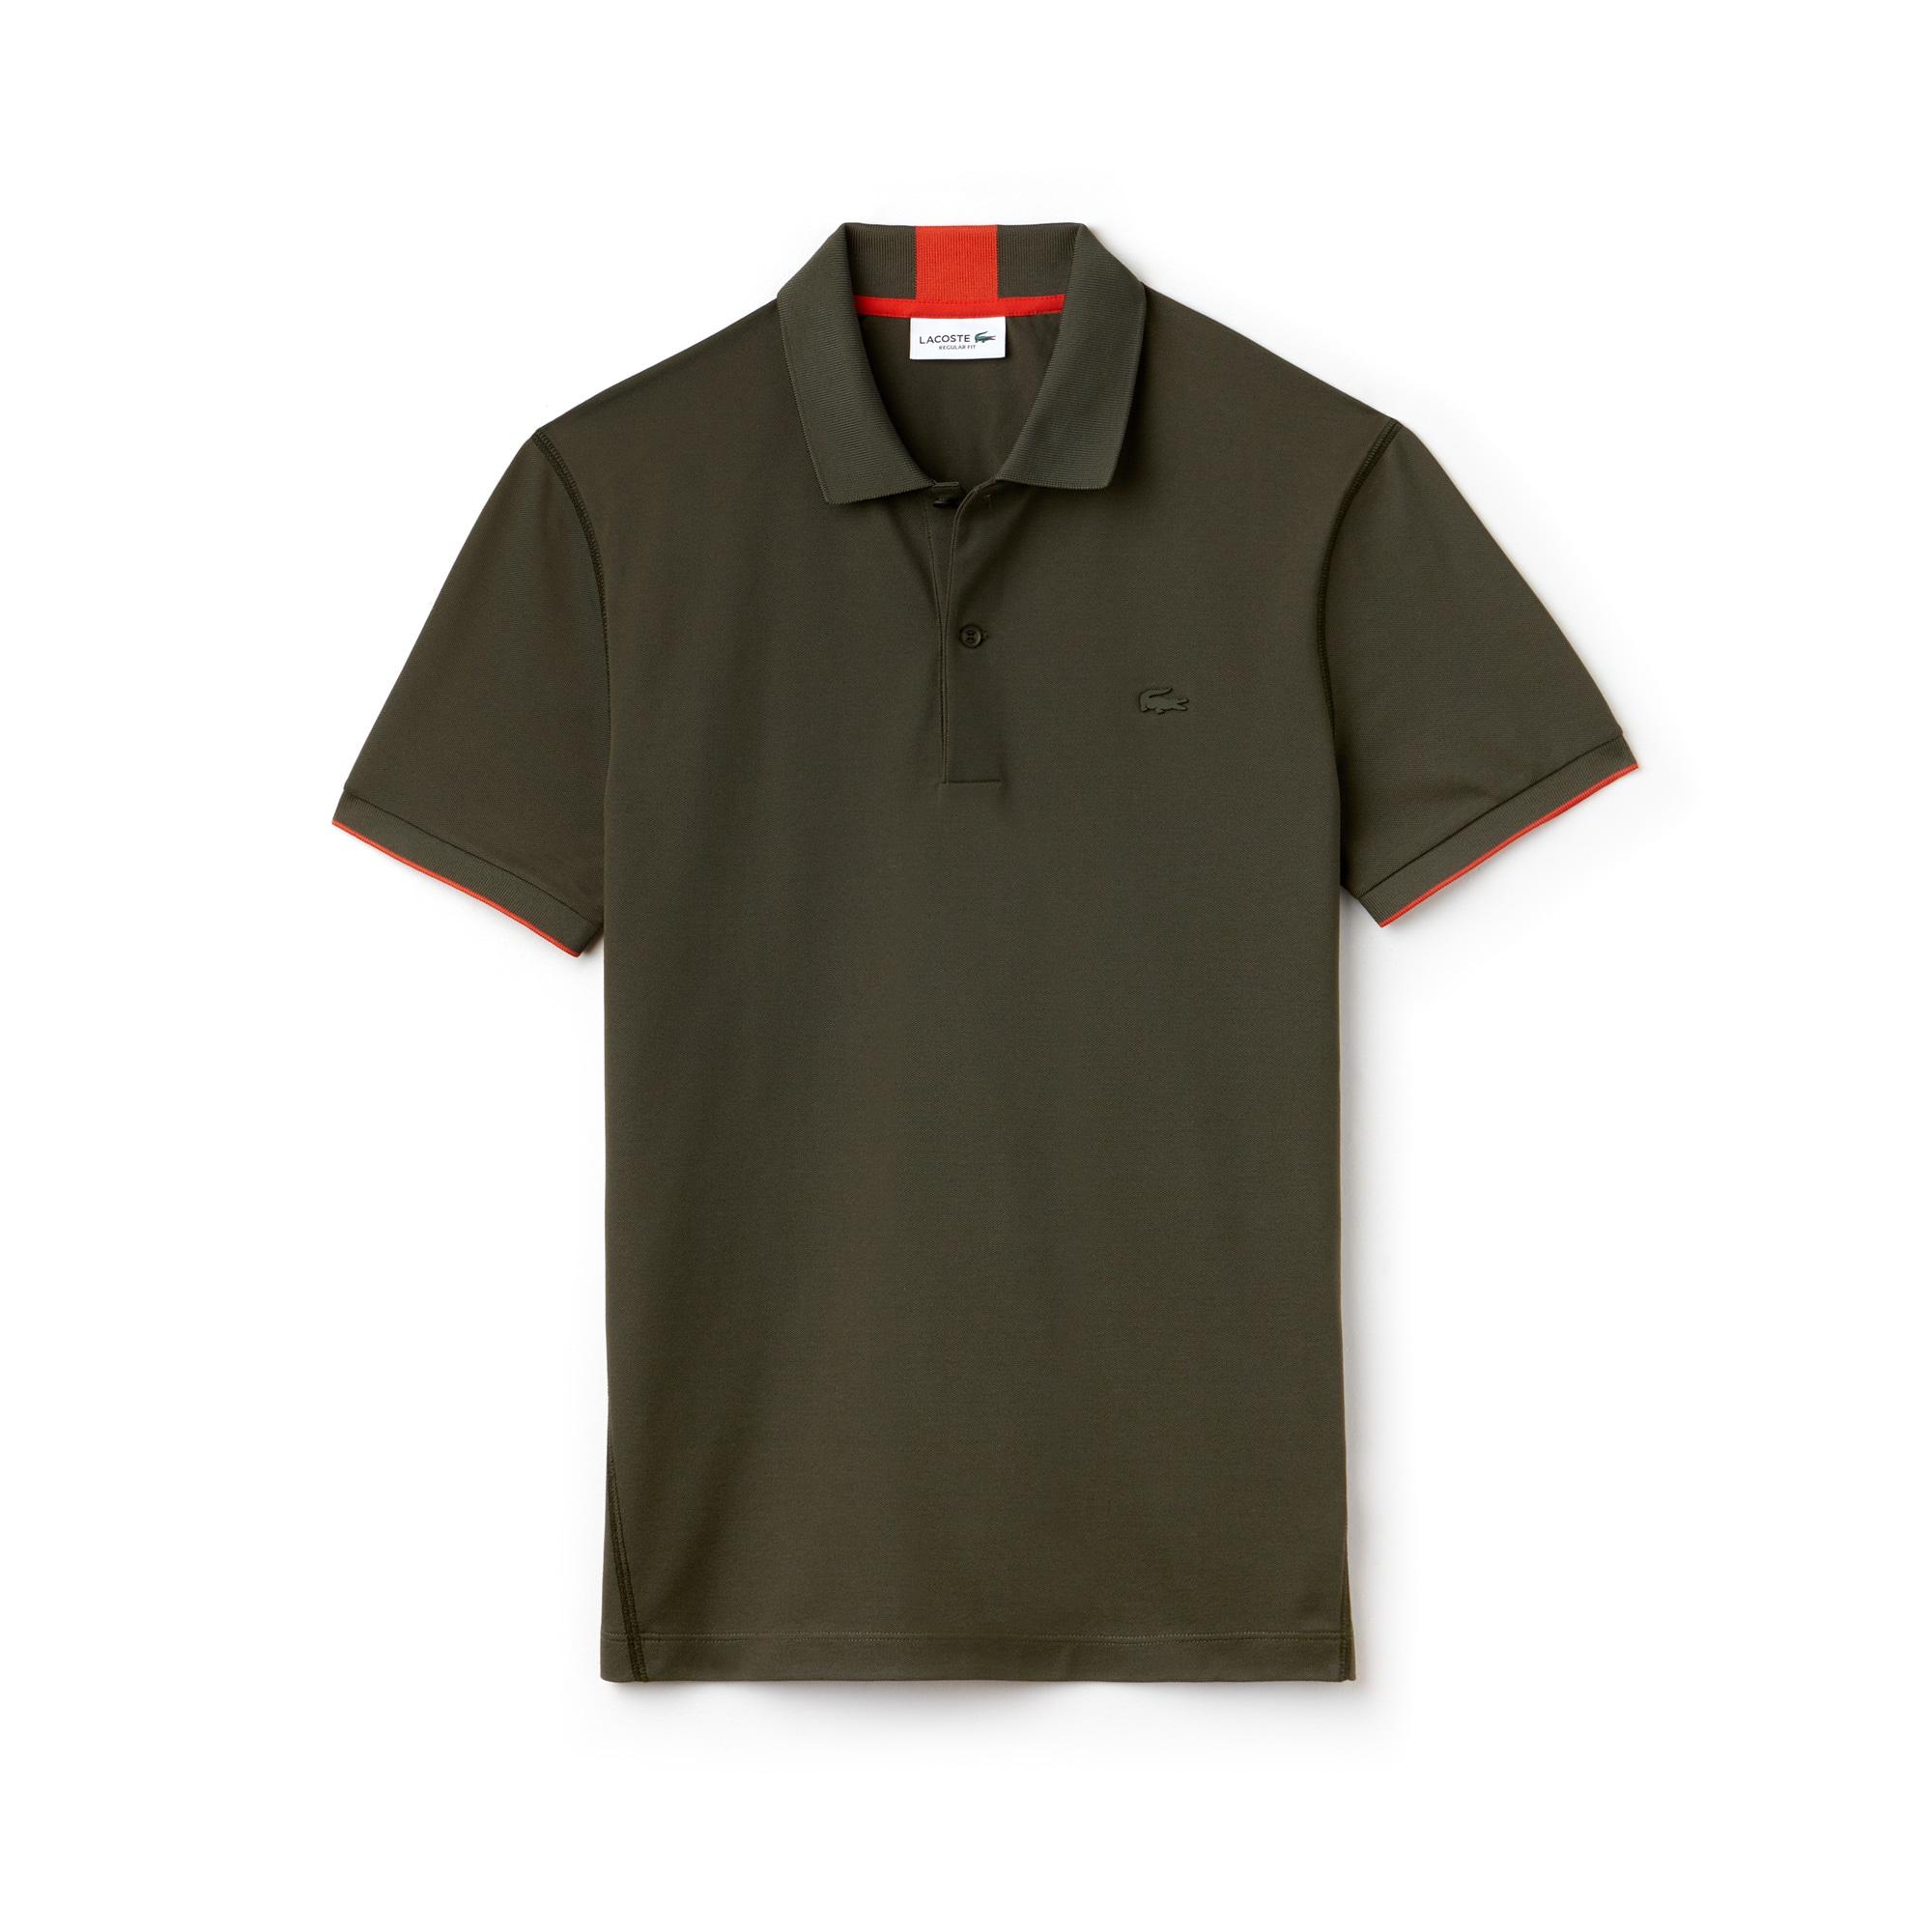 LACOSTE Regular Fit Herren-Poloshirt aus funktionellem Petit-Piqué